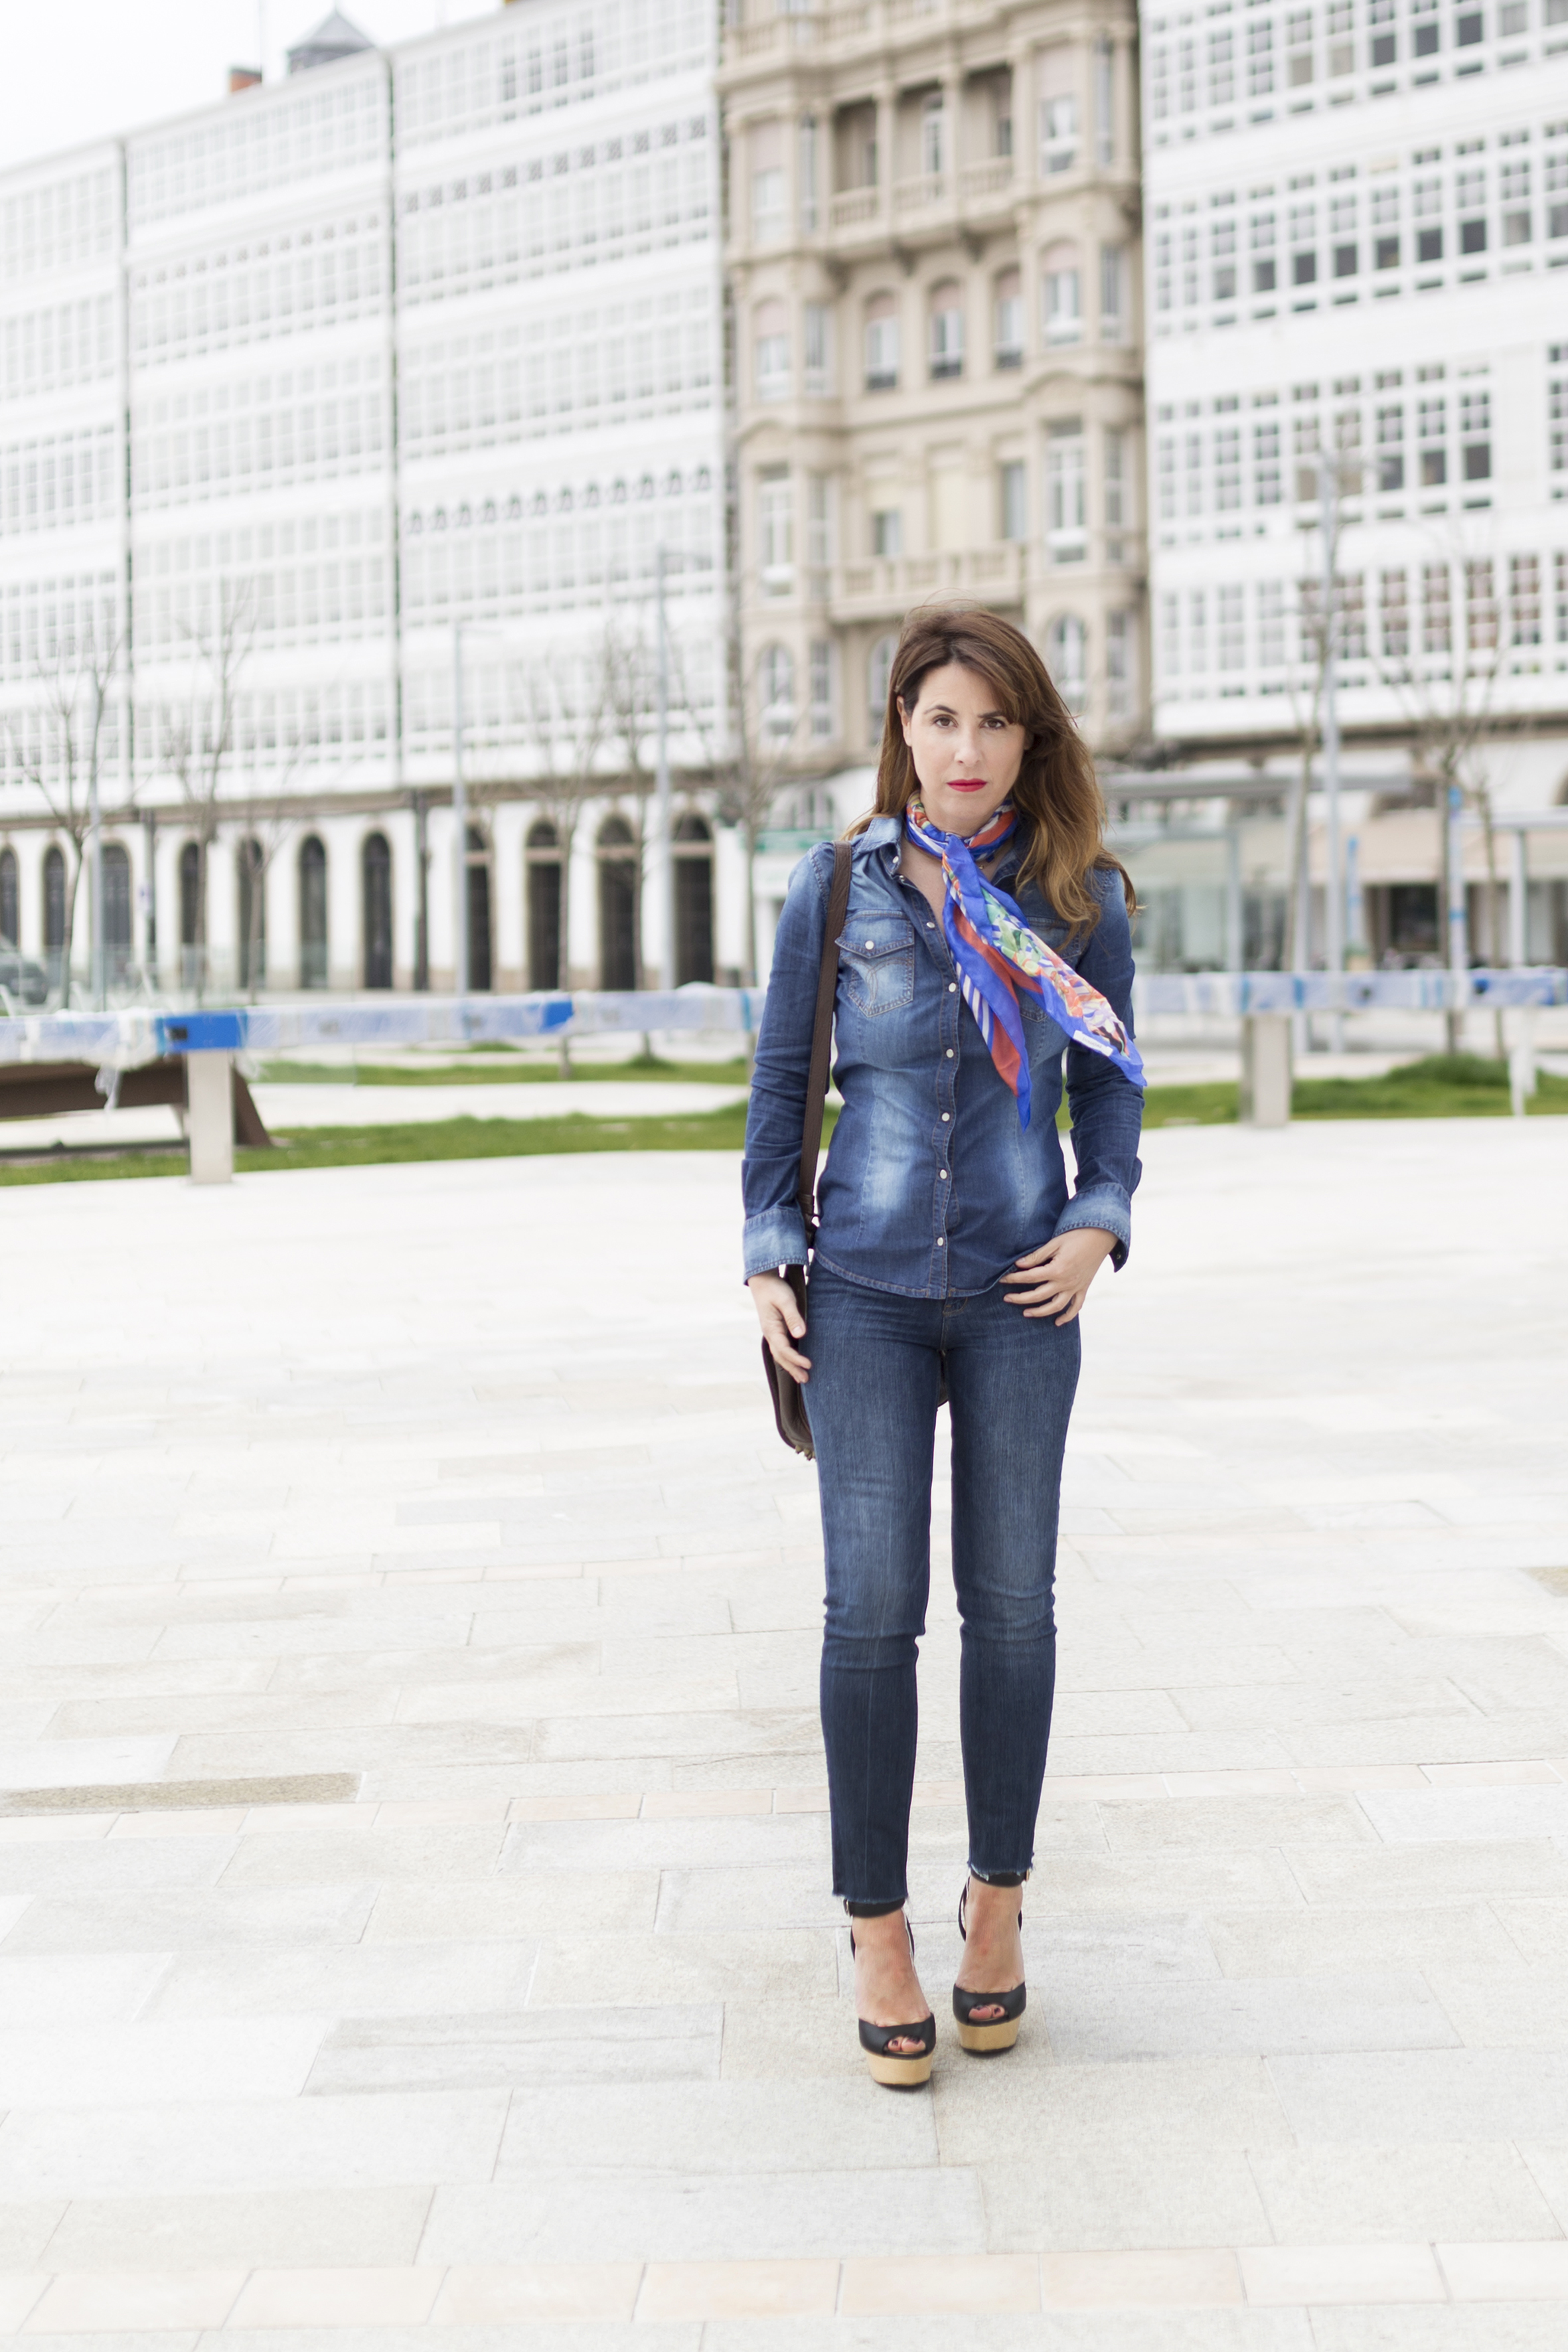 coruña-calle-fular de seda- promod- denim-coruña- streetstyle-style- descalzaporelparque- día de la madre- regalo- scarf